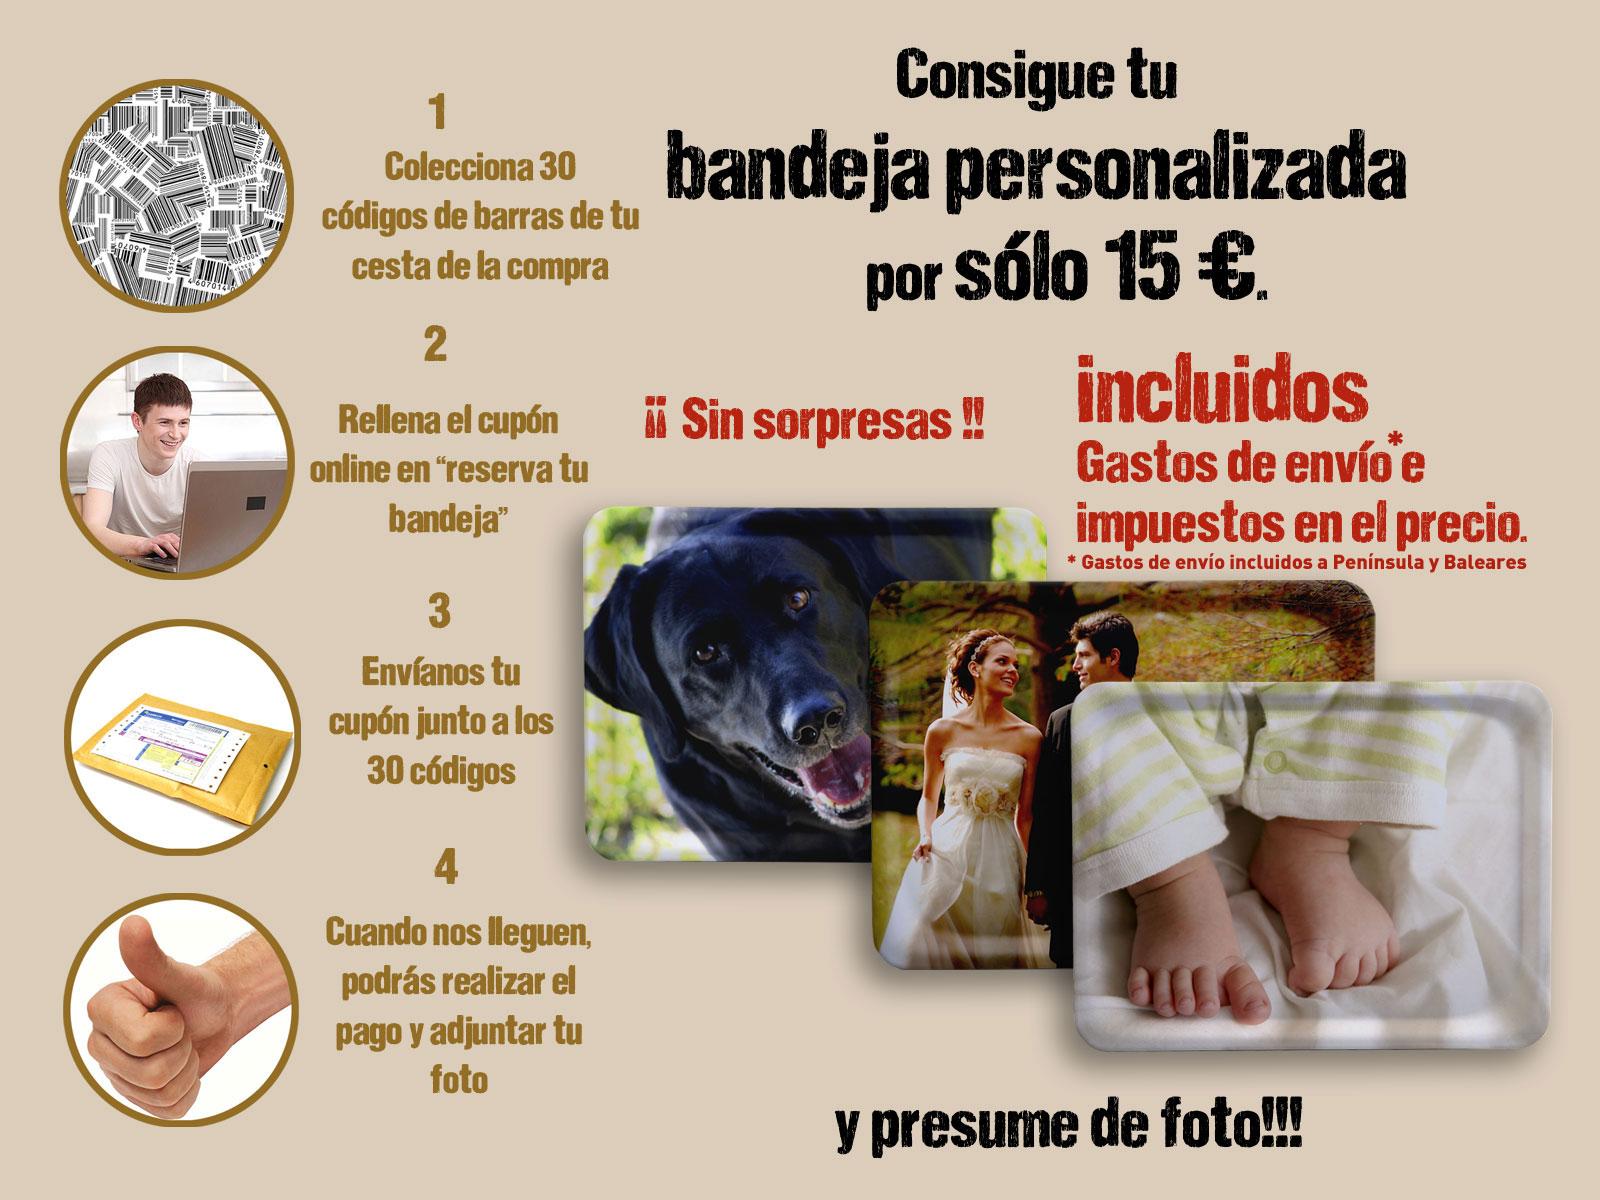 bandejas-personalizadas (1)